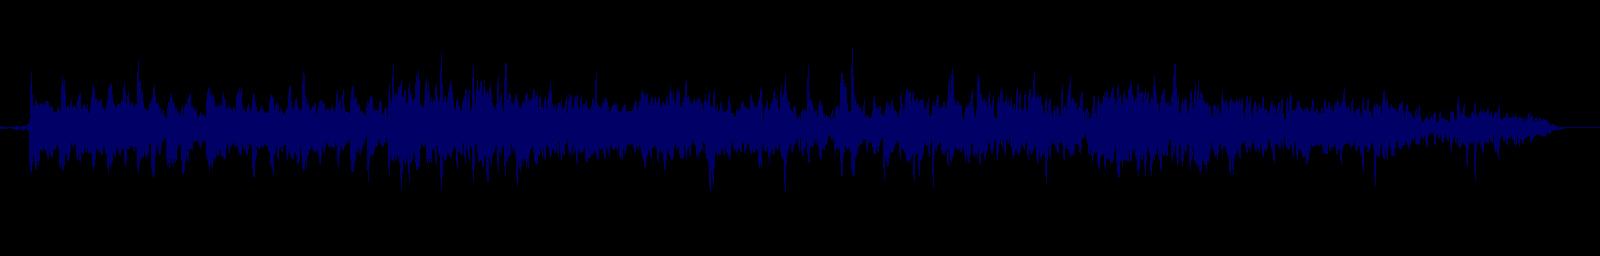 waveform of track #151321